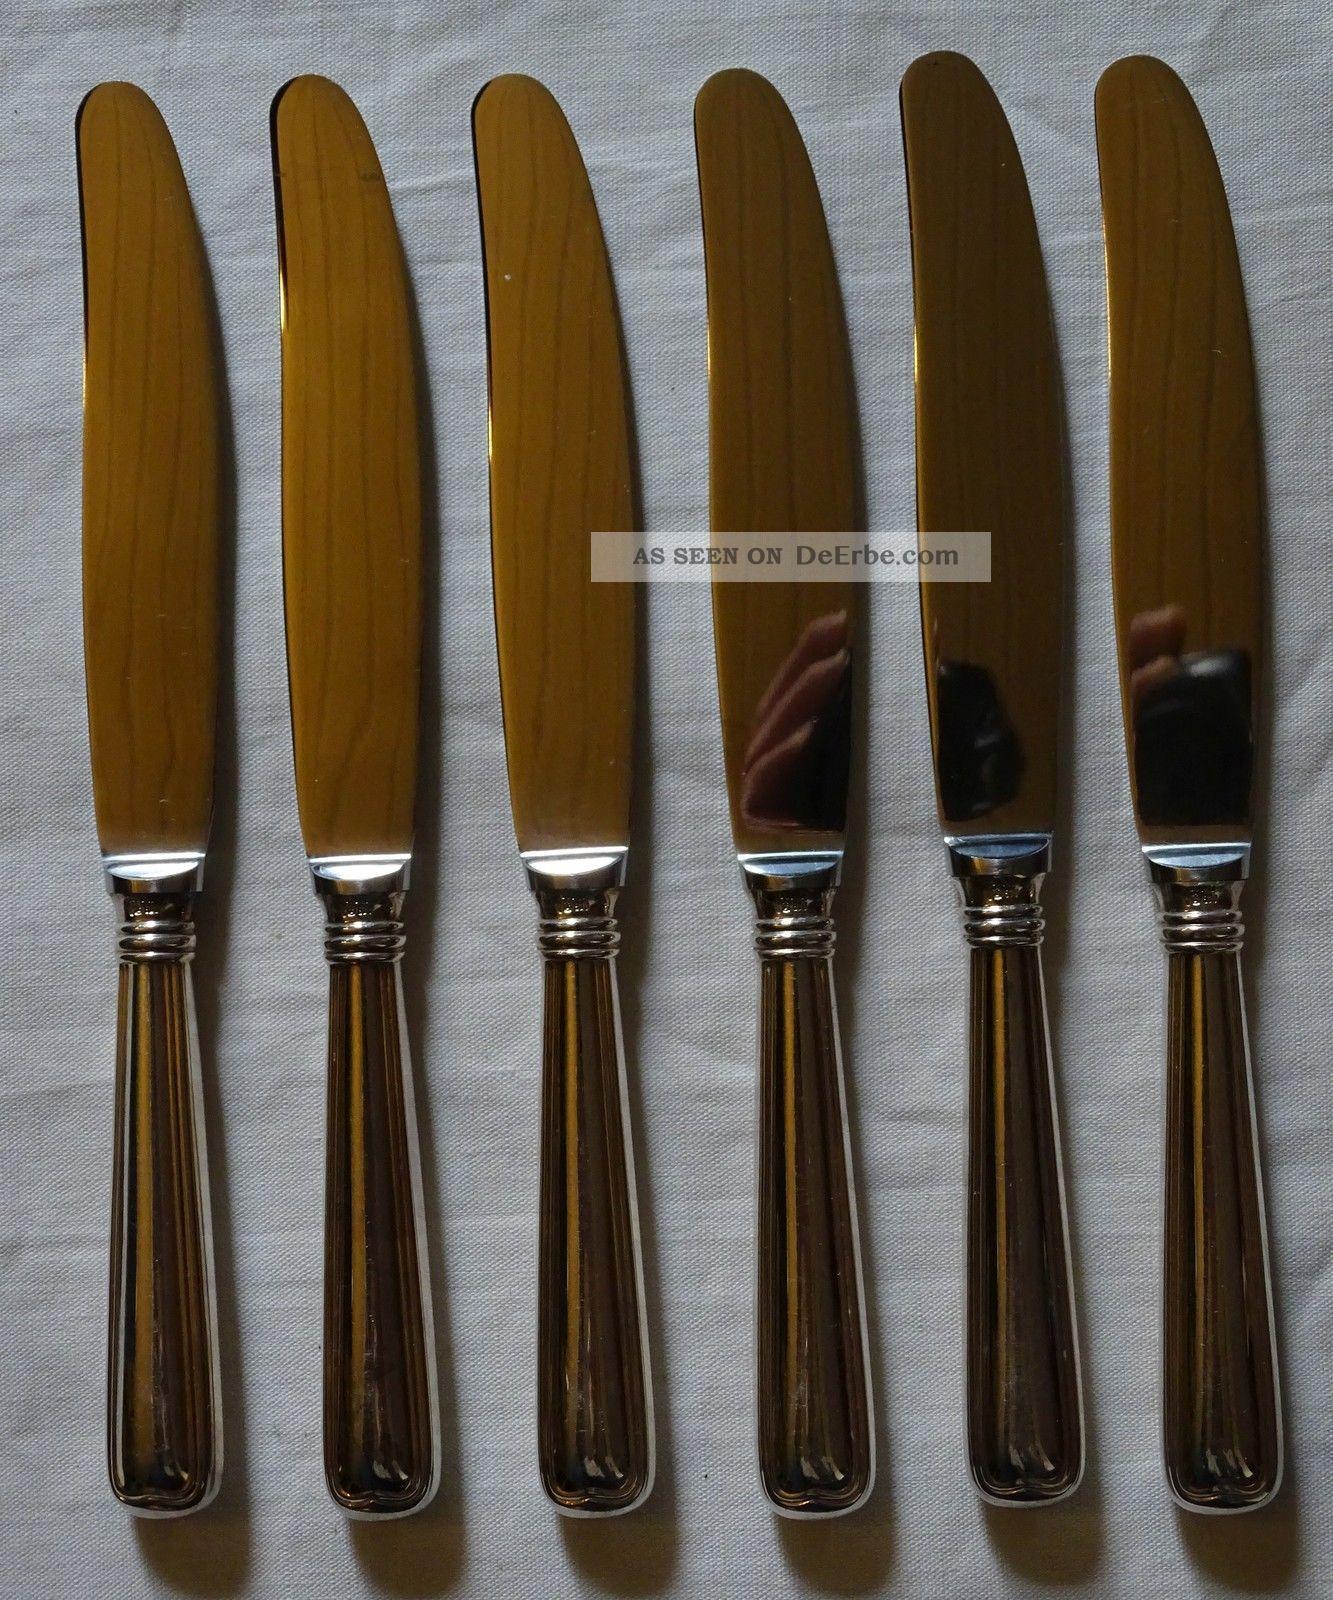 6 Wmf Speisemesser 800 Silber Messer Augsburger Faden Objekte nach 1945 Bild